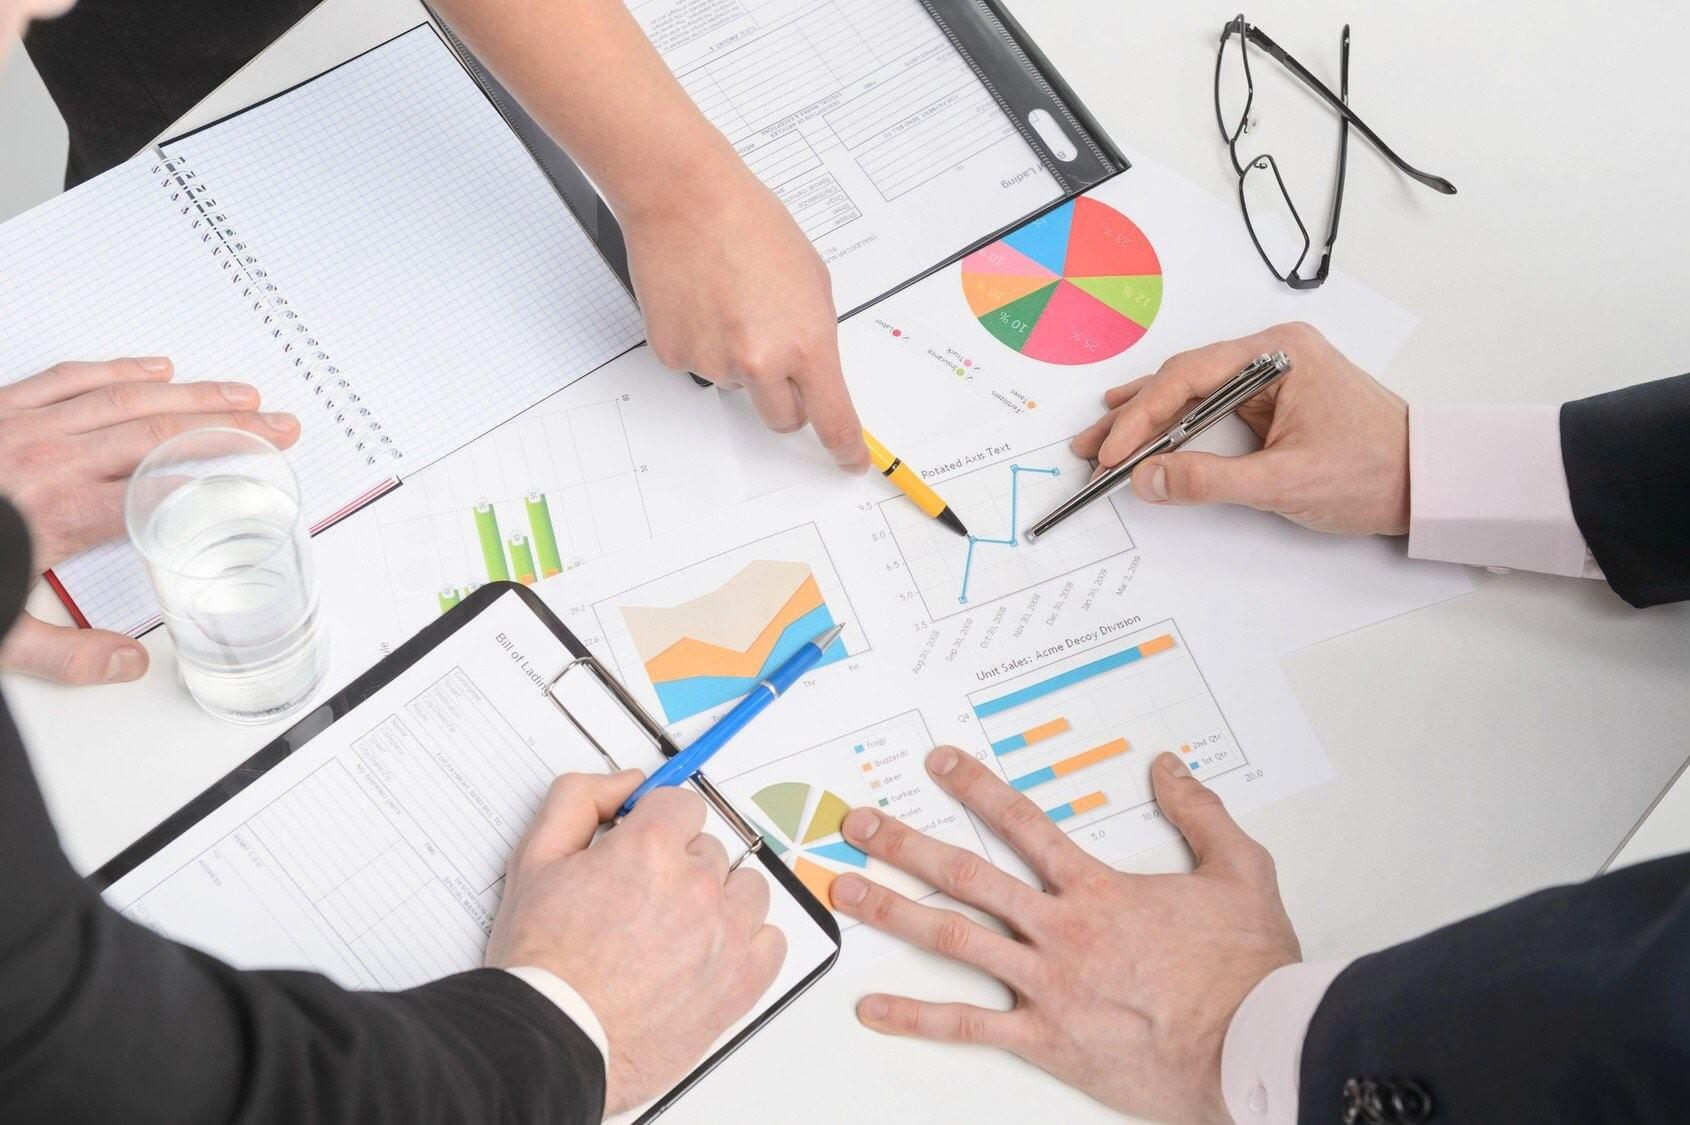 ТРЕНІНГ «Управління проектами:  методологія та особливості бізнес-практики»